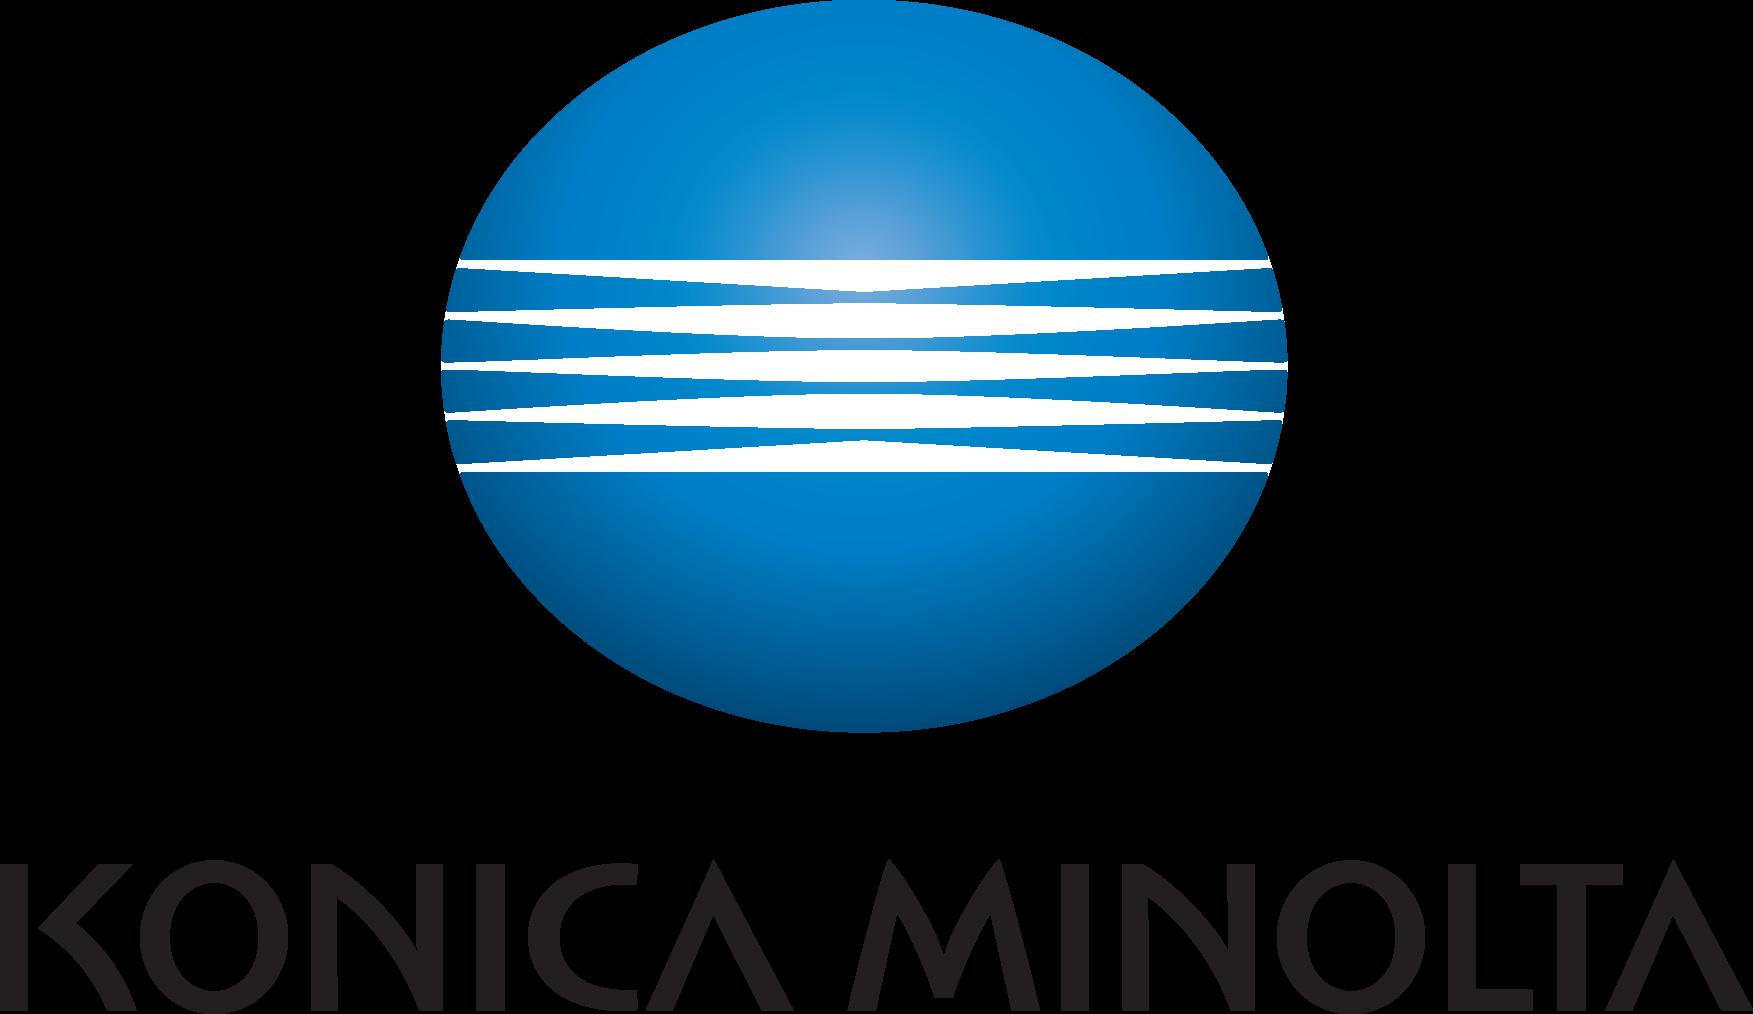 Konica Minolta LogoBLKType